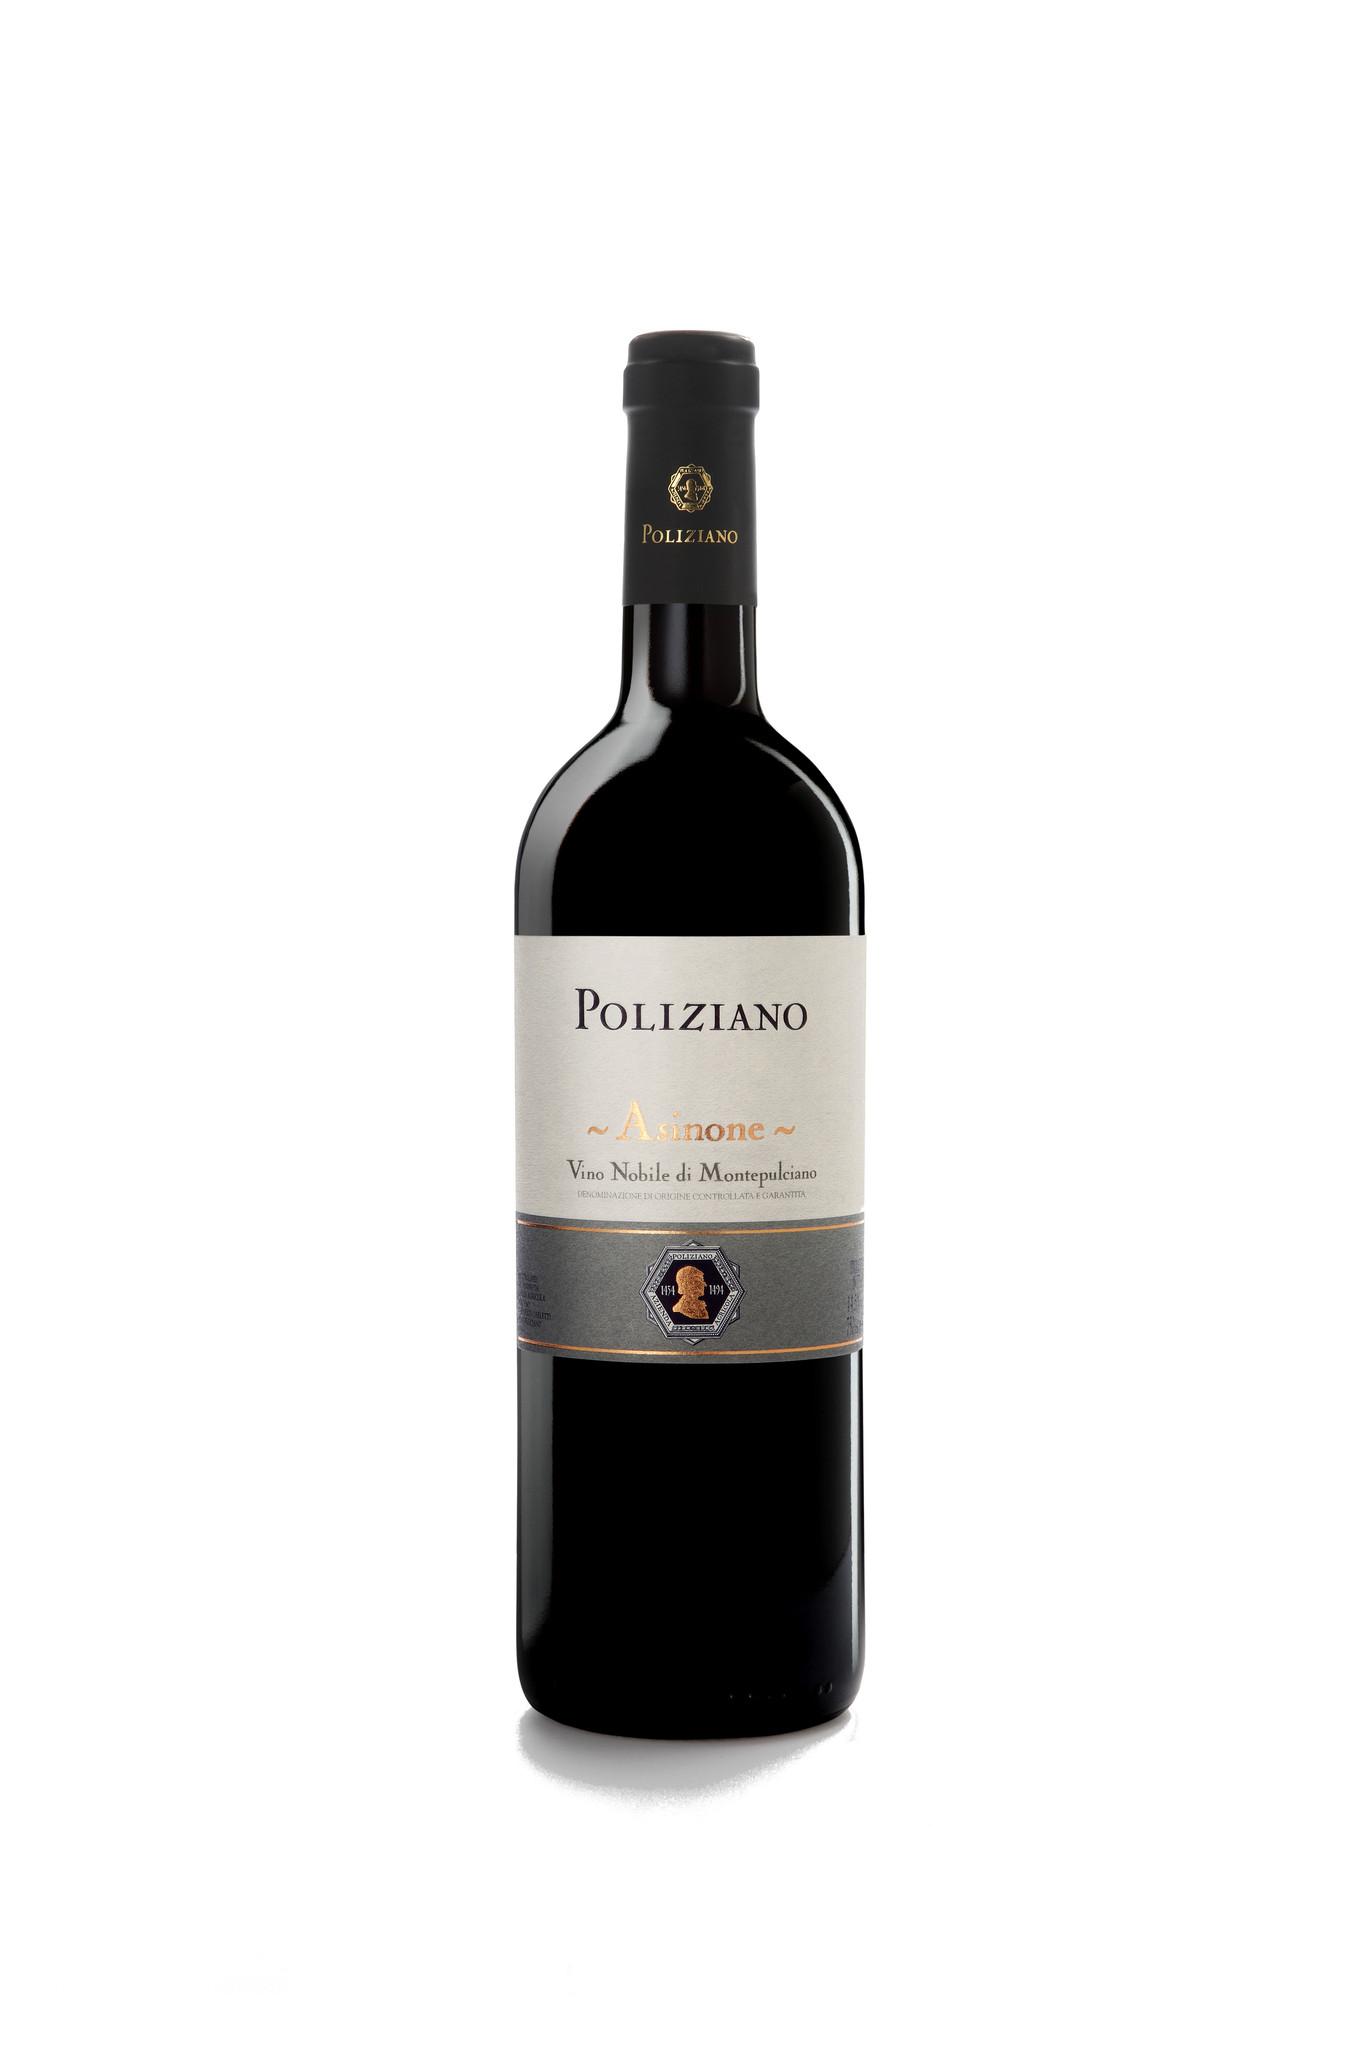 Poliziano, Vino Nobile di Montepulciano Asinone, 2017